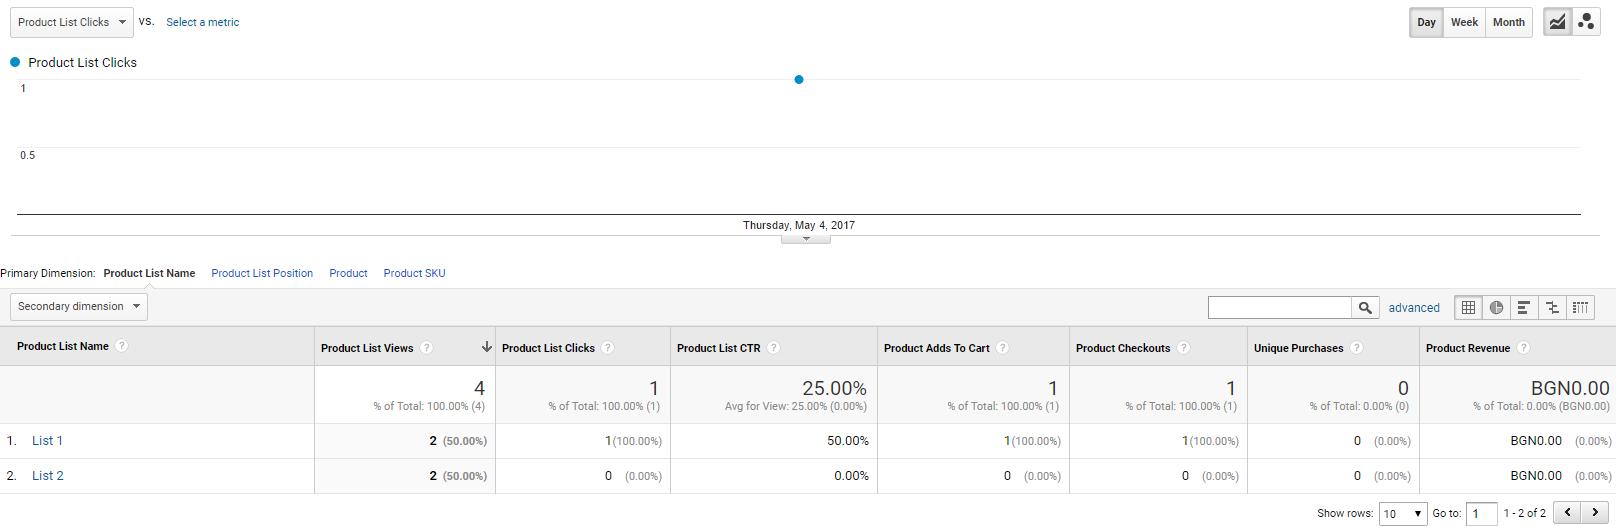 В отчета «Ефективност на списъка с продукти» се появяват данни за списъка с продукта, от който е започнал процесът на оформяне на поръчката